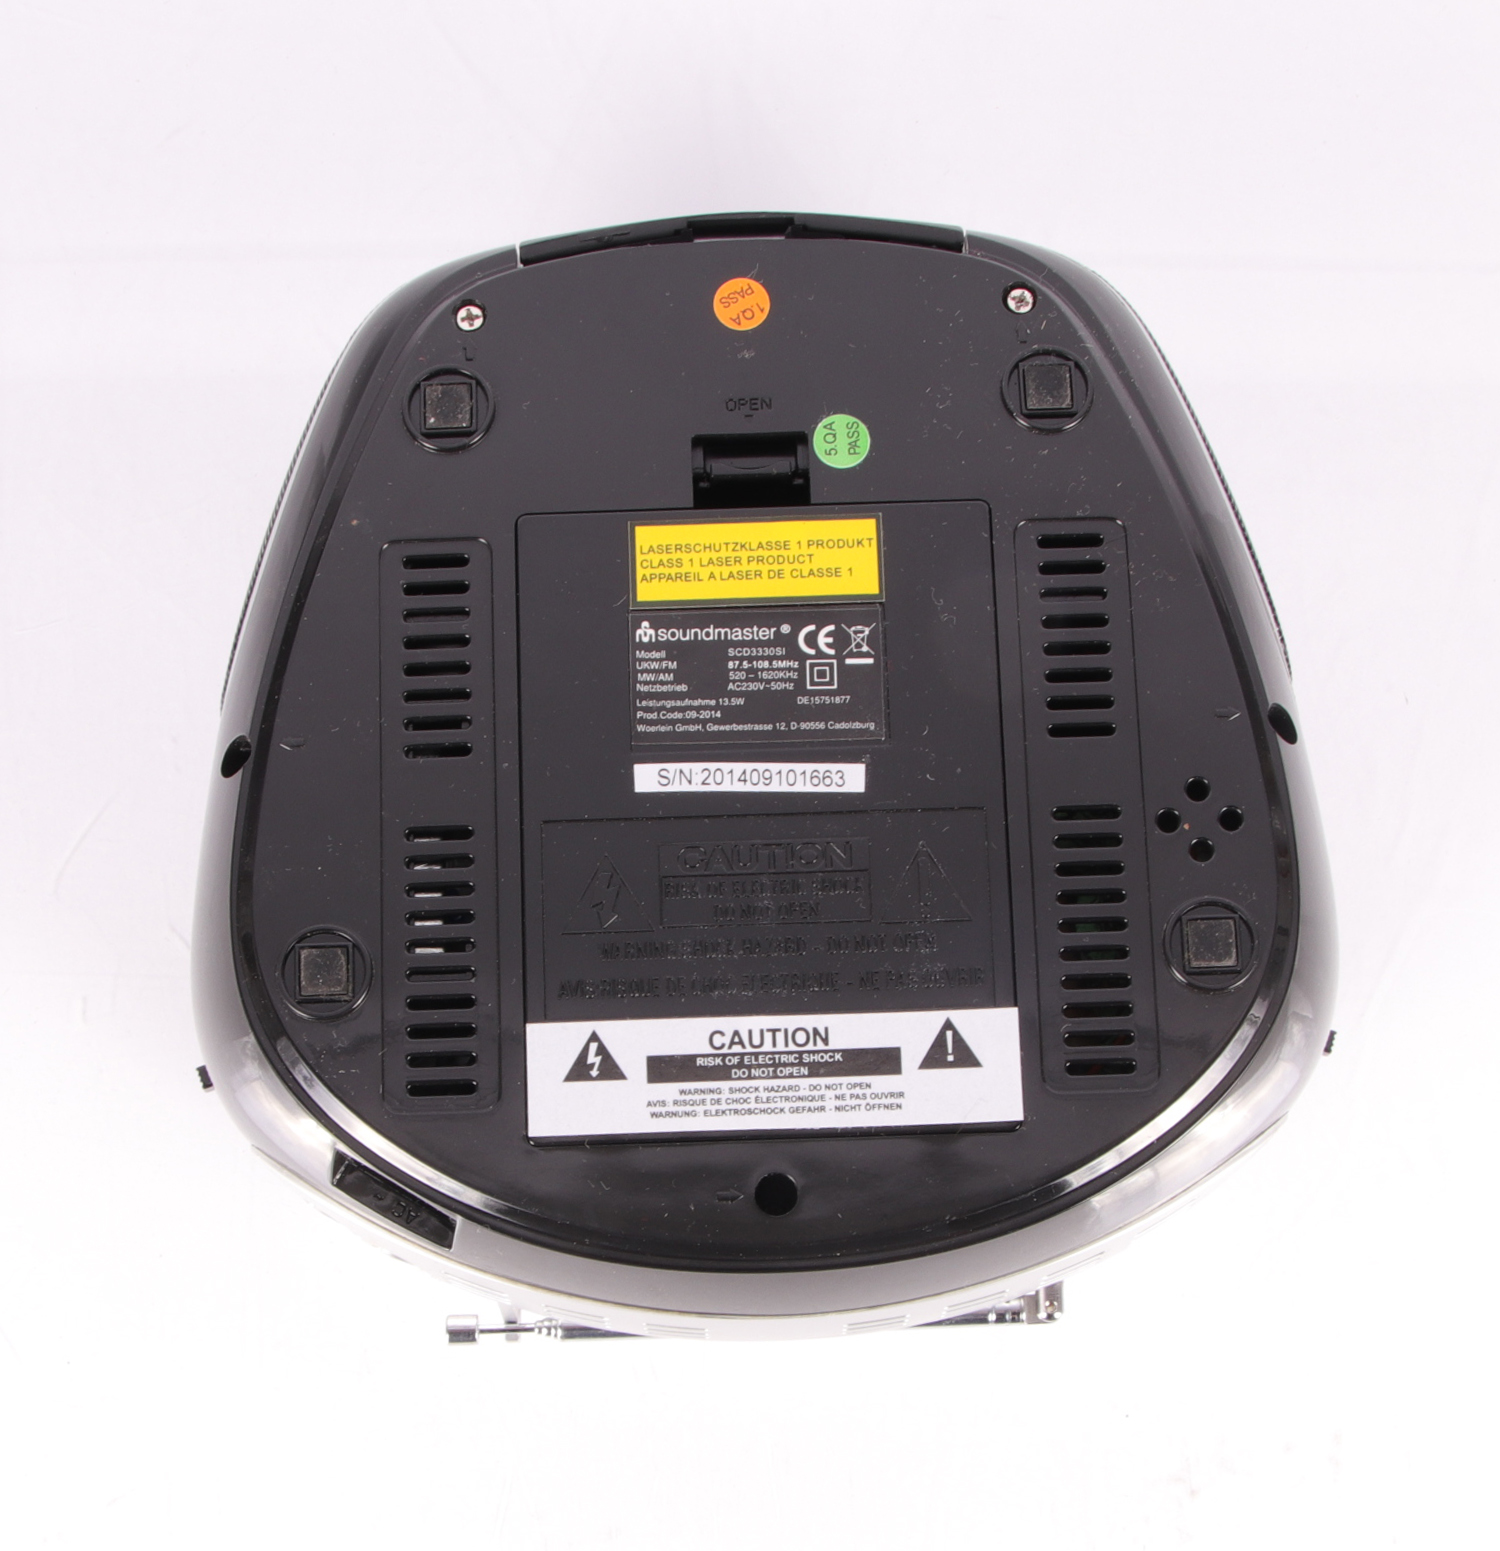 scd3330si soundmaster cd player mit radio funktion ebay. Black Bedroom Furniture Sets. Home Design Ideas